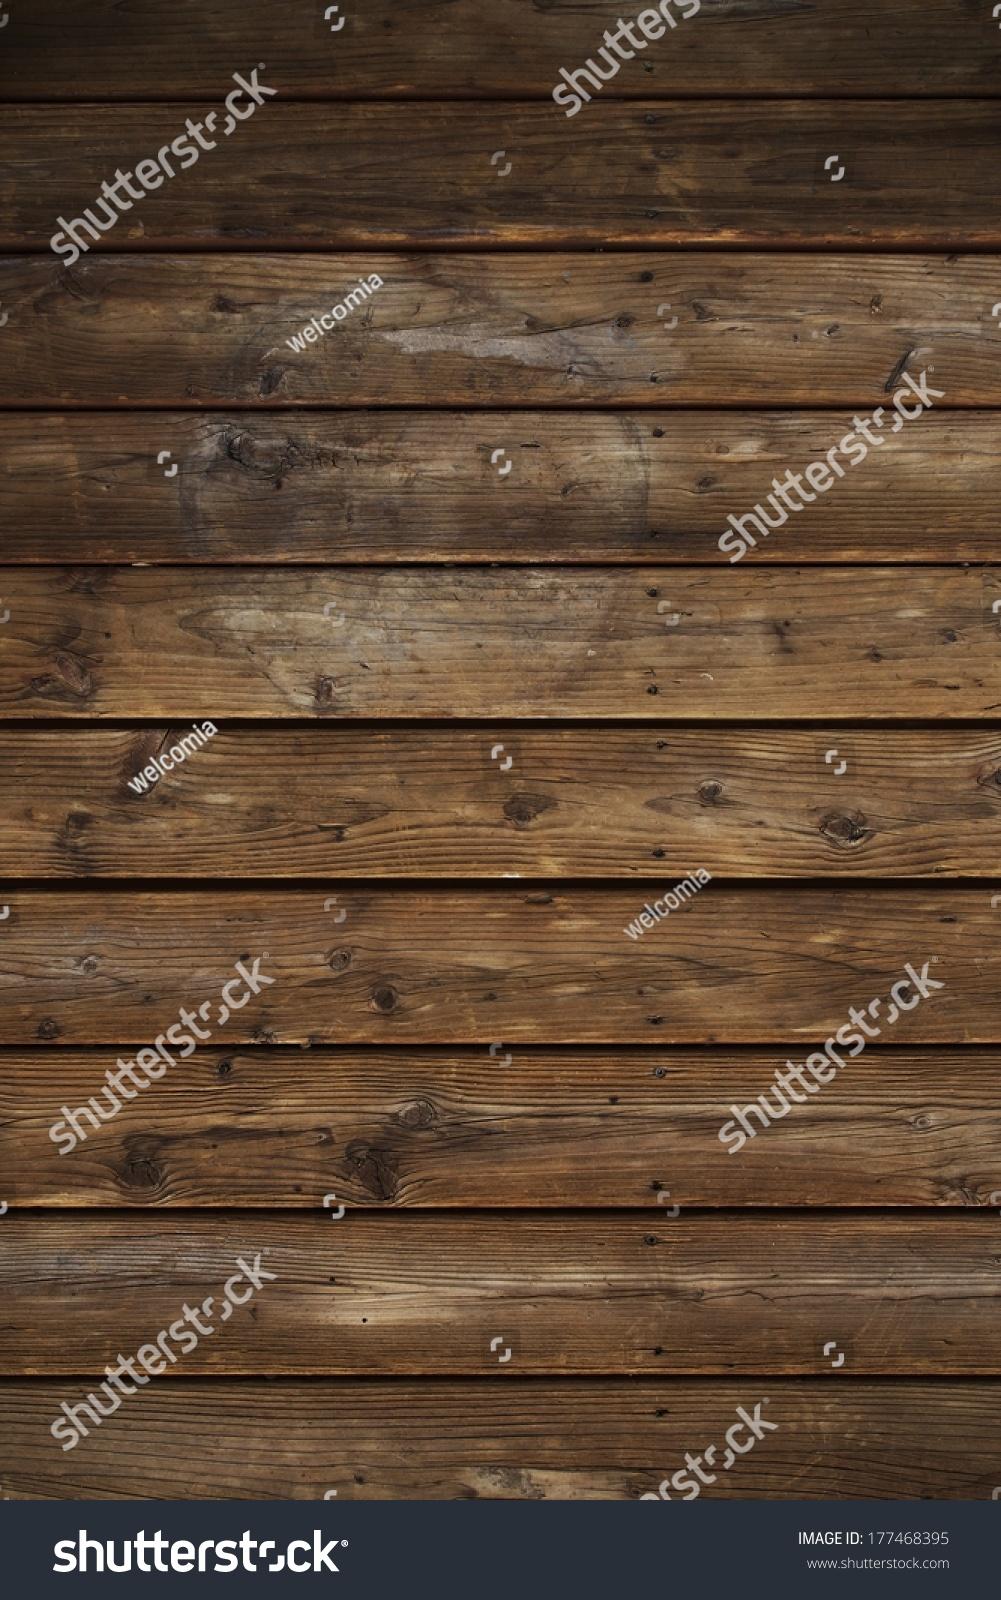 Vintage horizontal wood planks background stock photo